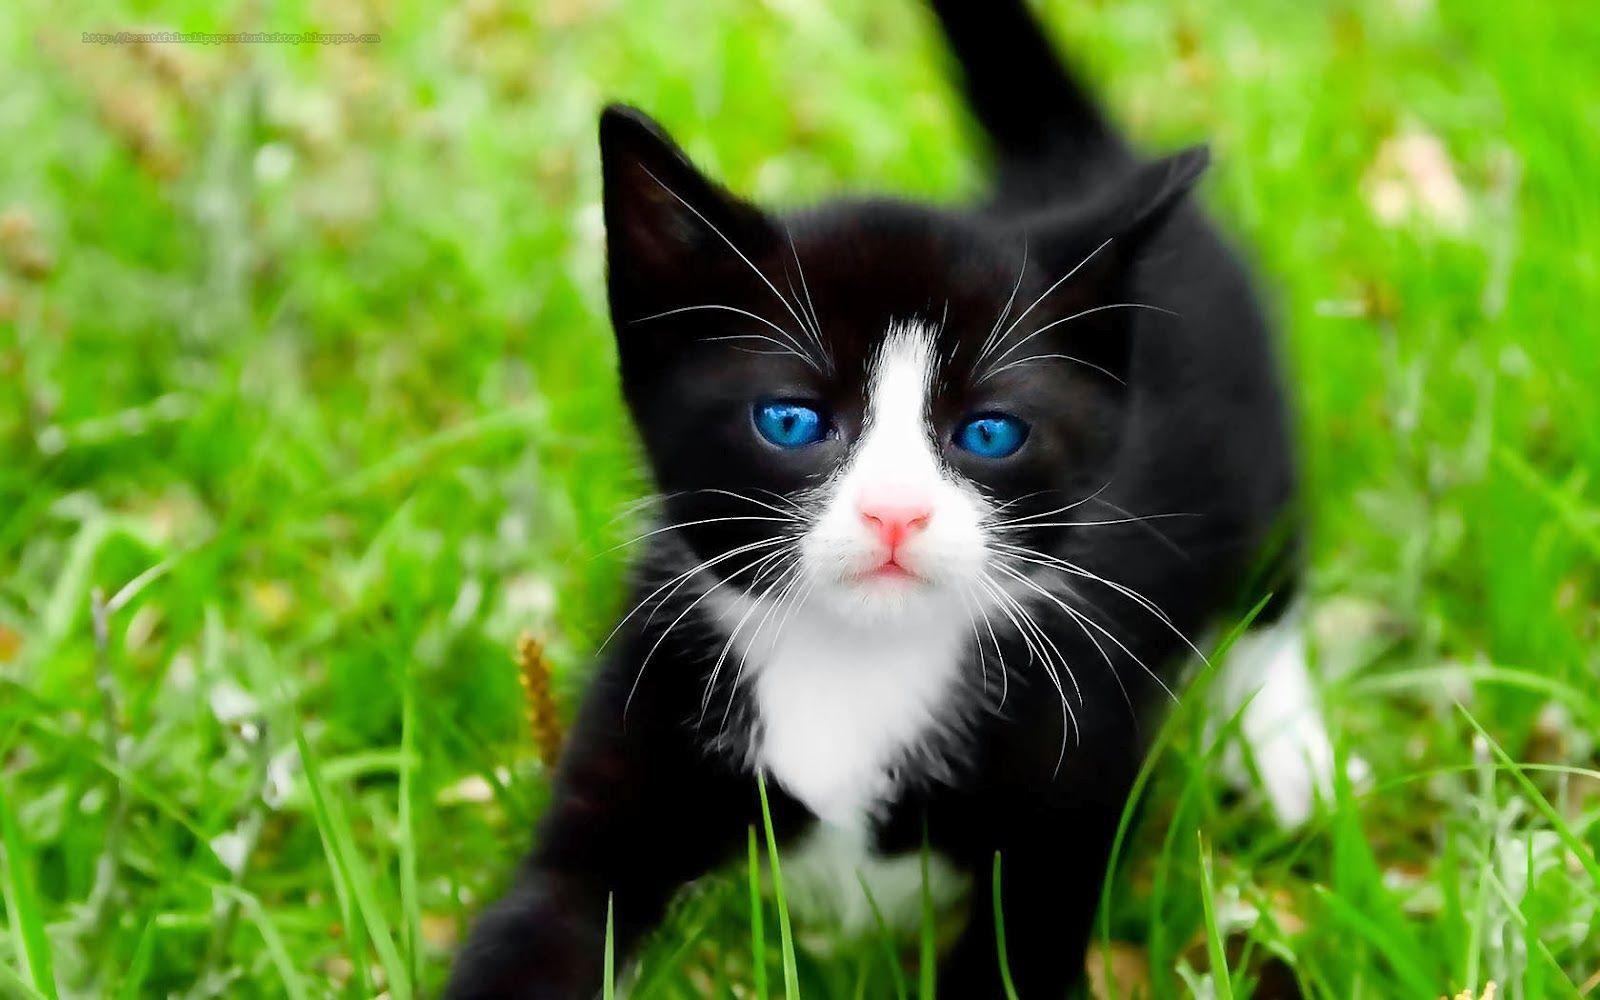 Cute Cat Wallpaper Hd 1600 1000 Cute Cat Backgrounds 46